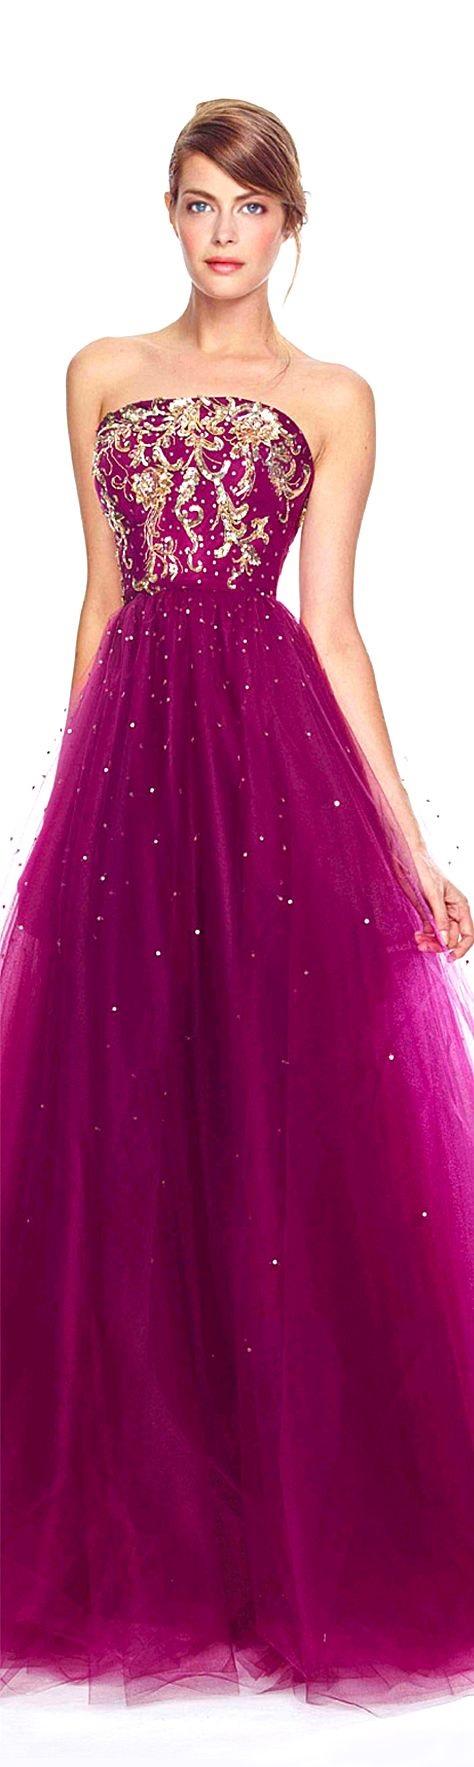 Marchesa Spring 2014 | vestidos que me gustan | vestidos que me ...